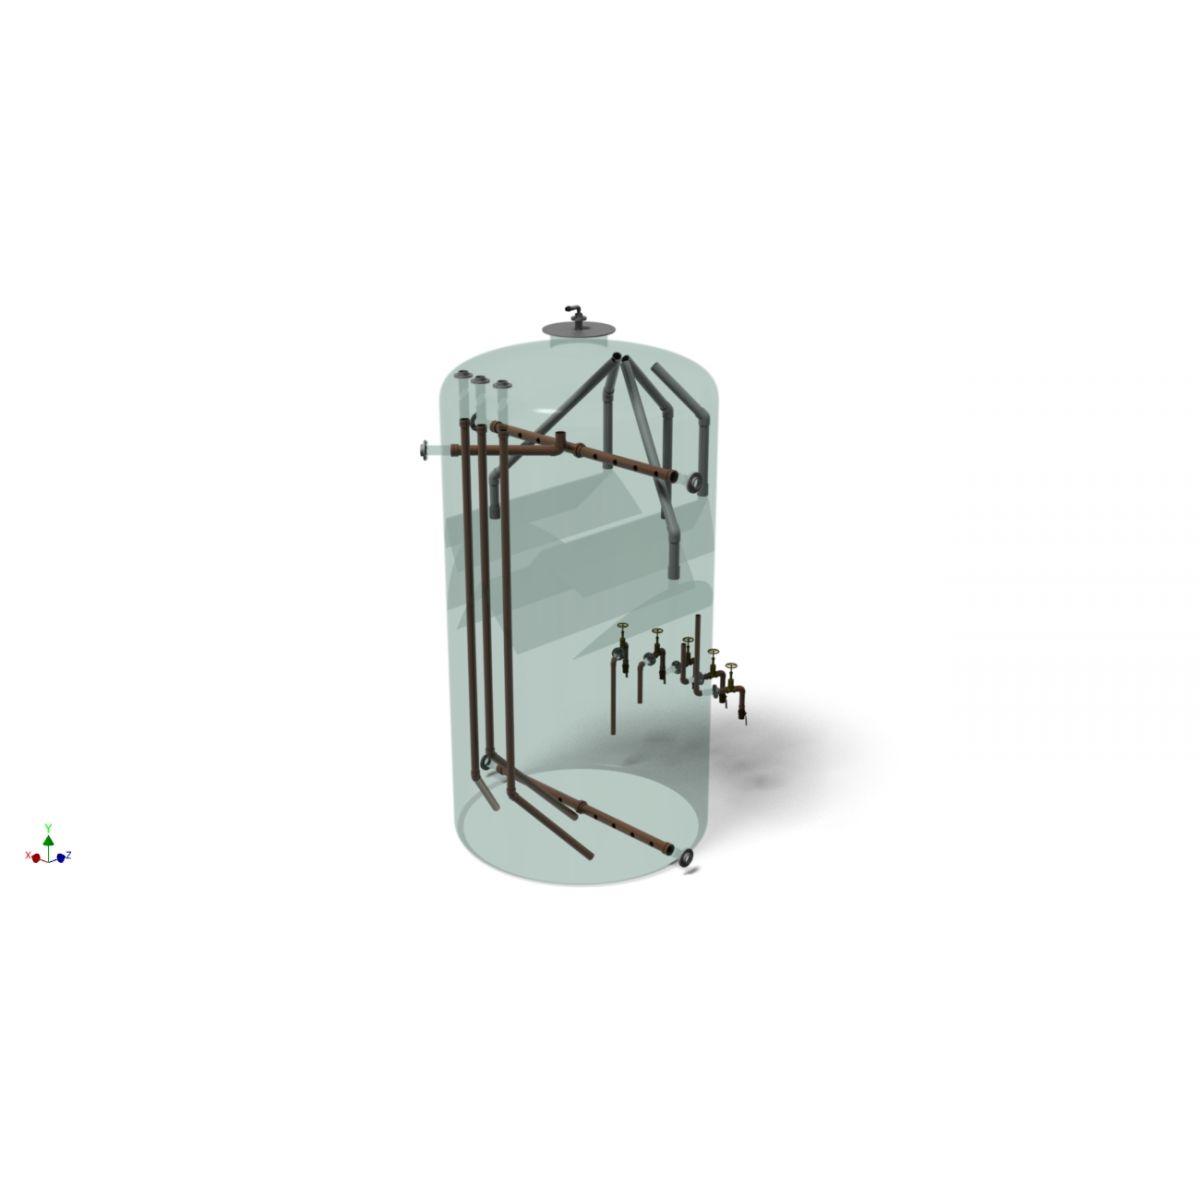 RAFA - Reator Anaeróbio de Fluxo Ascendente